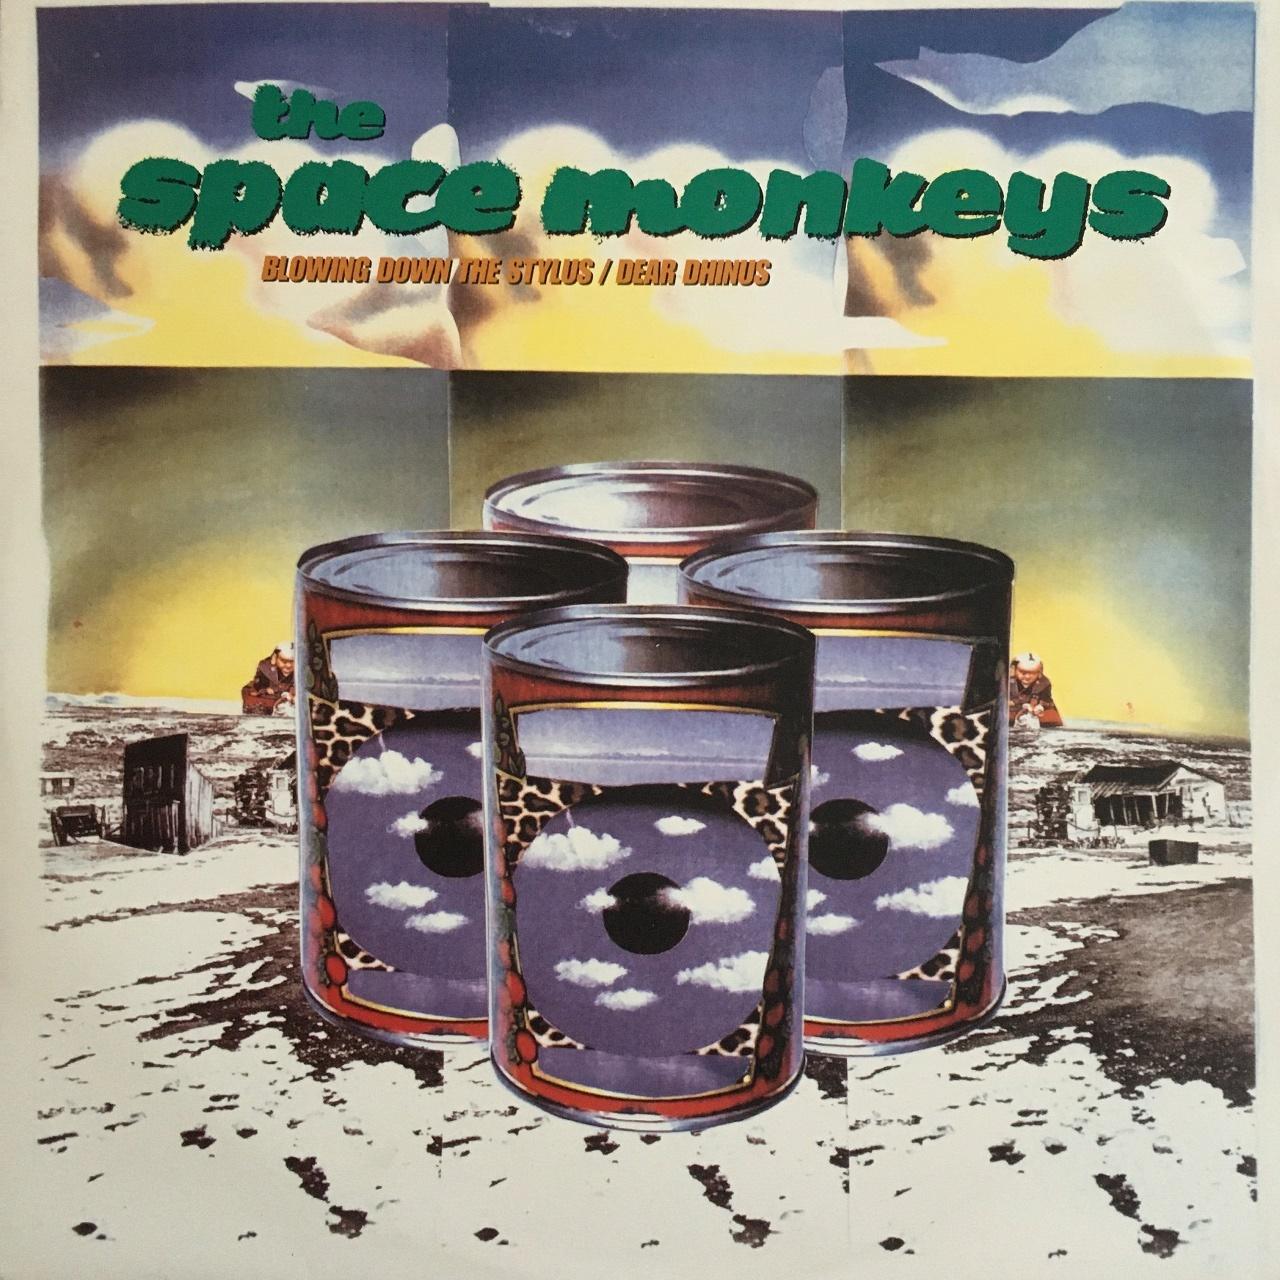 【12inch・欧州盤】The Space Monkeys  /  Blowing Down The Stylus , Dear Dhinus